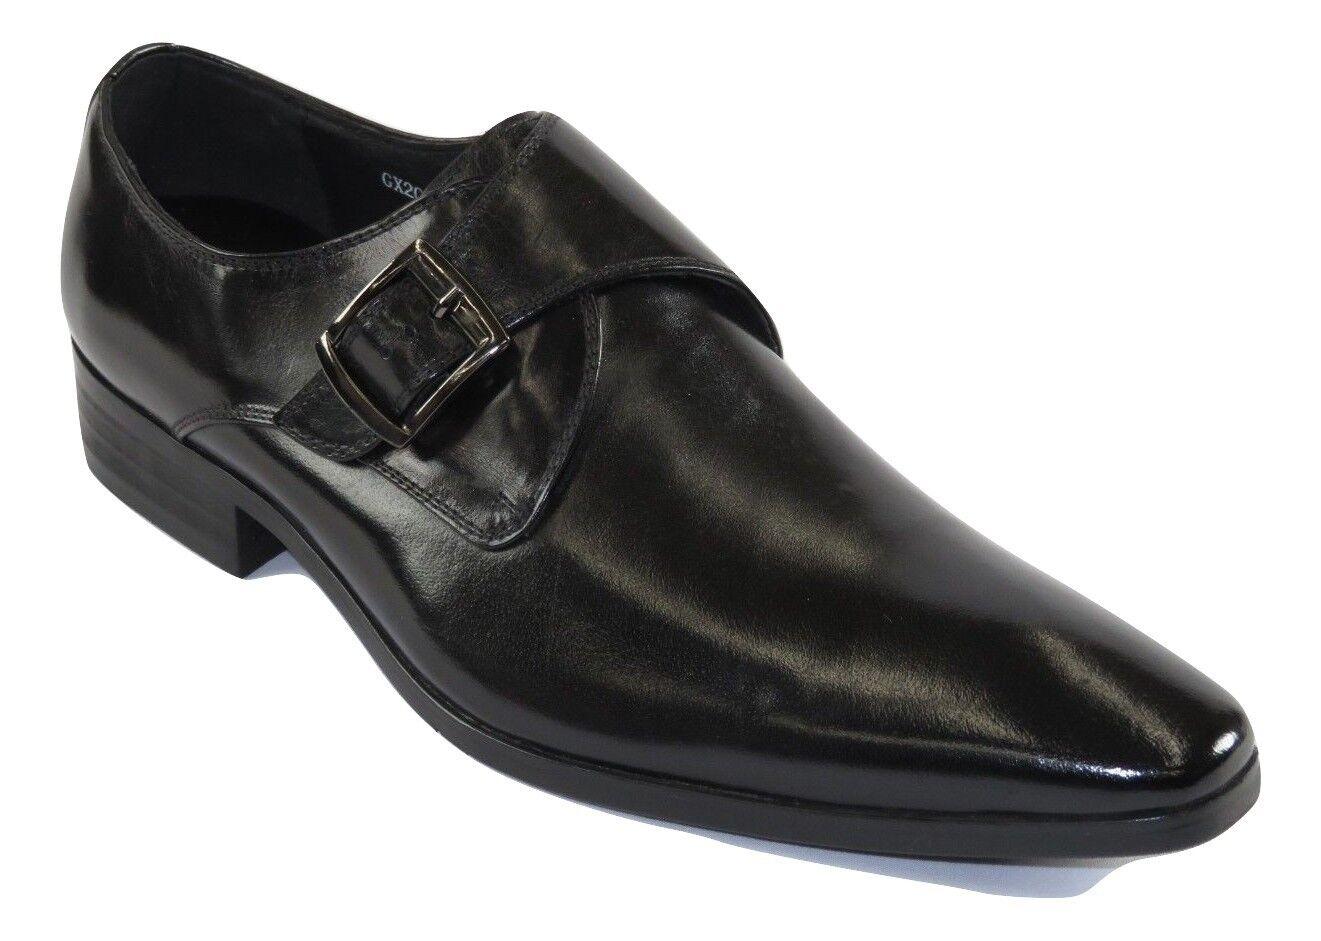 Zapatos de cuero masculinos zota. Hebilla Europea clásica gx201 negro.